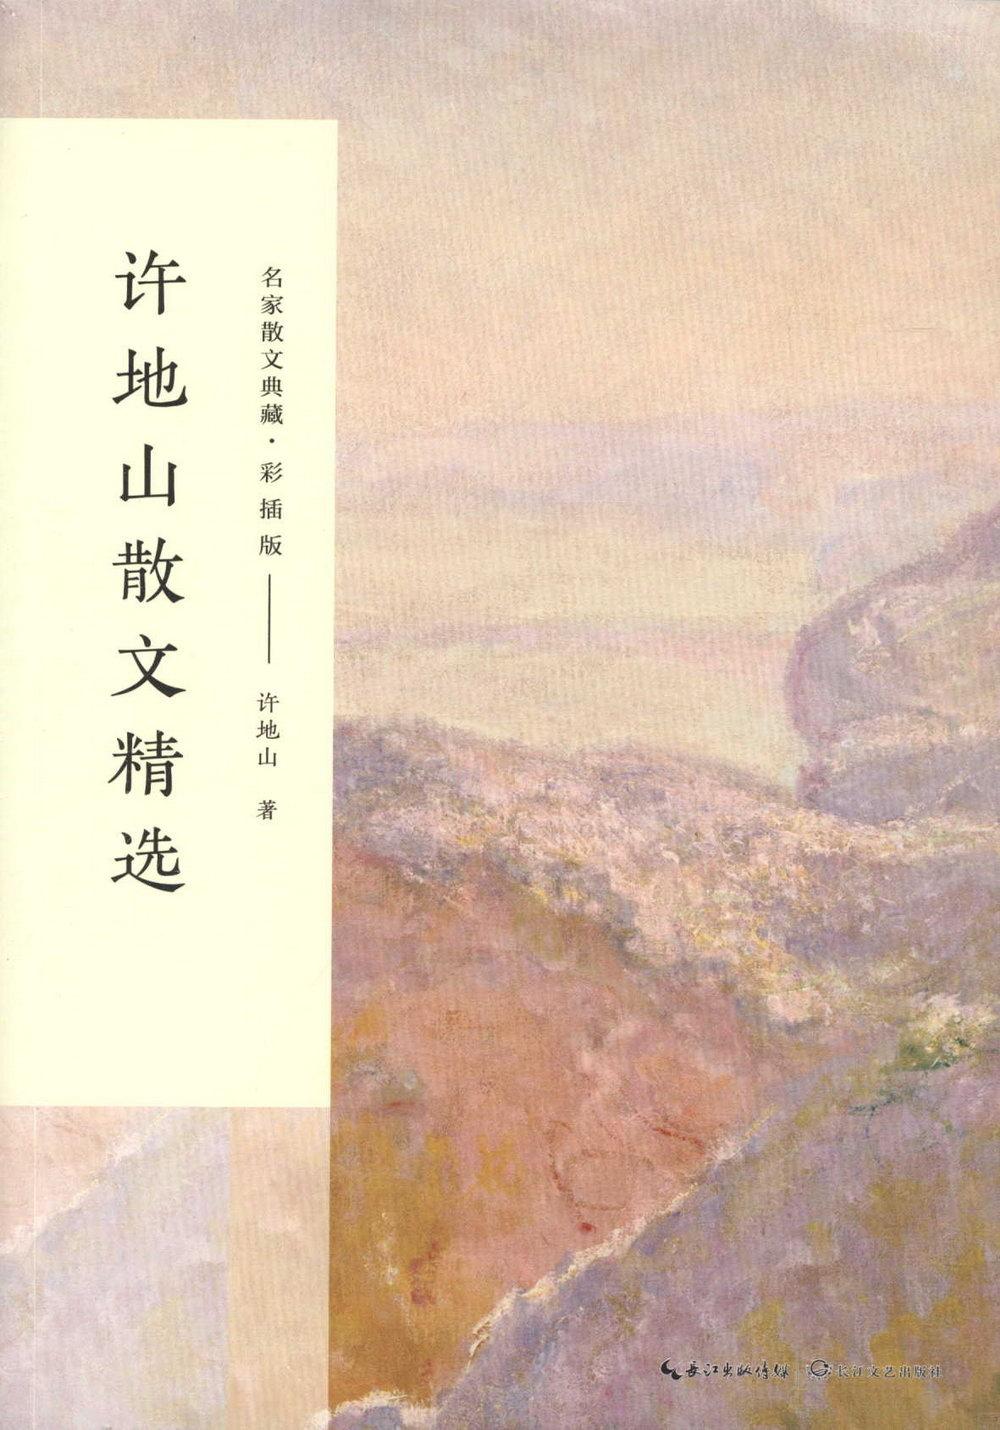 許地山散文精選(彩插版)